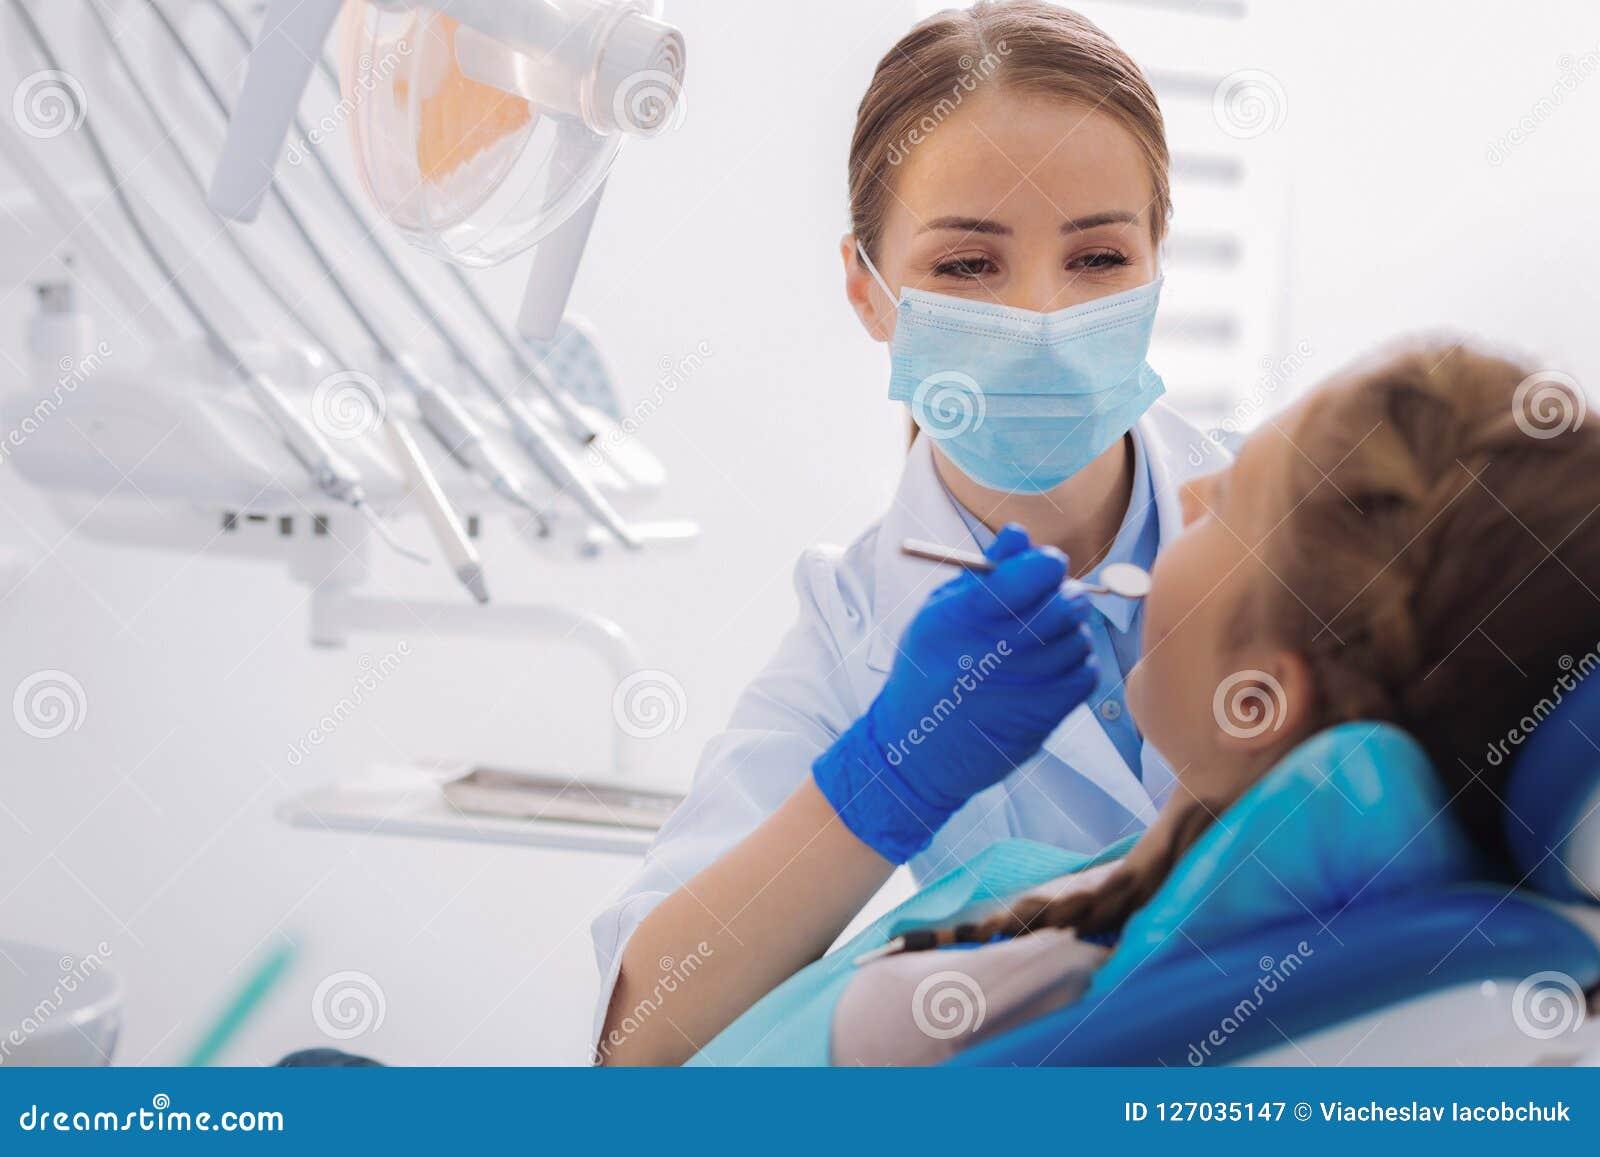 Vriendelijke orthodontist die een tandspiegel houden terwijl het werken